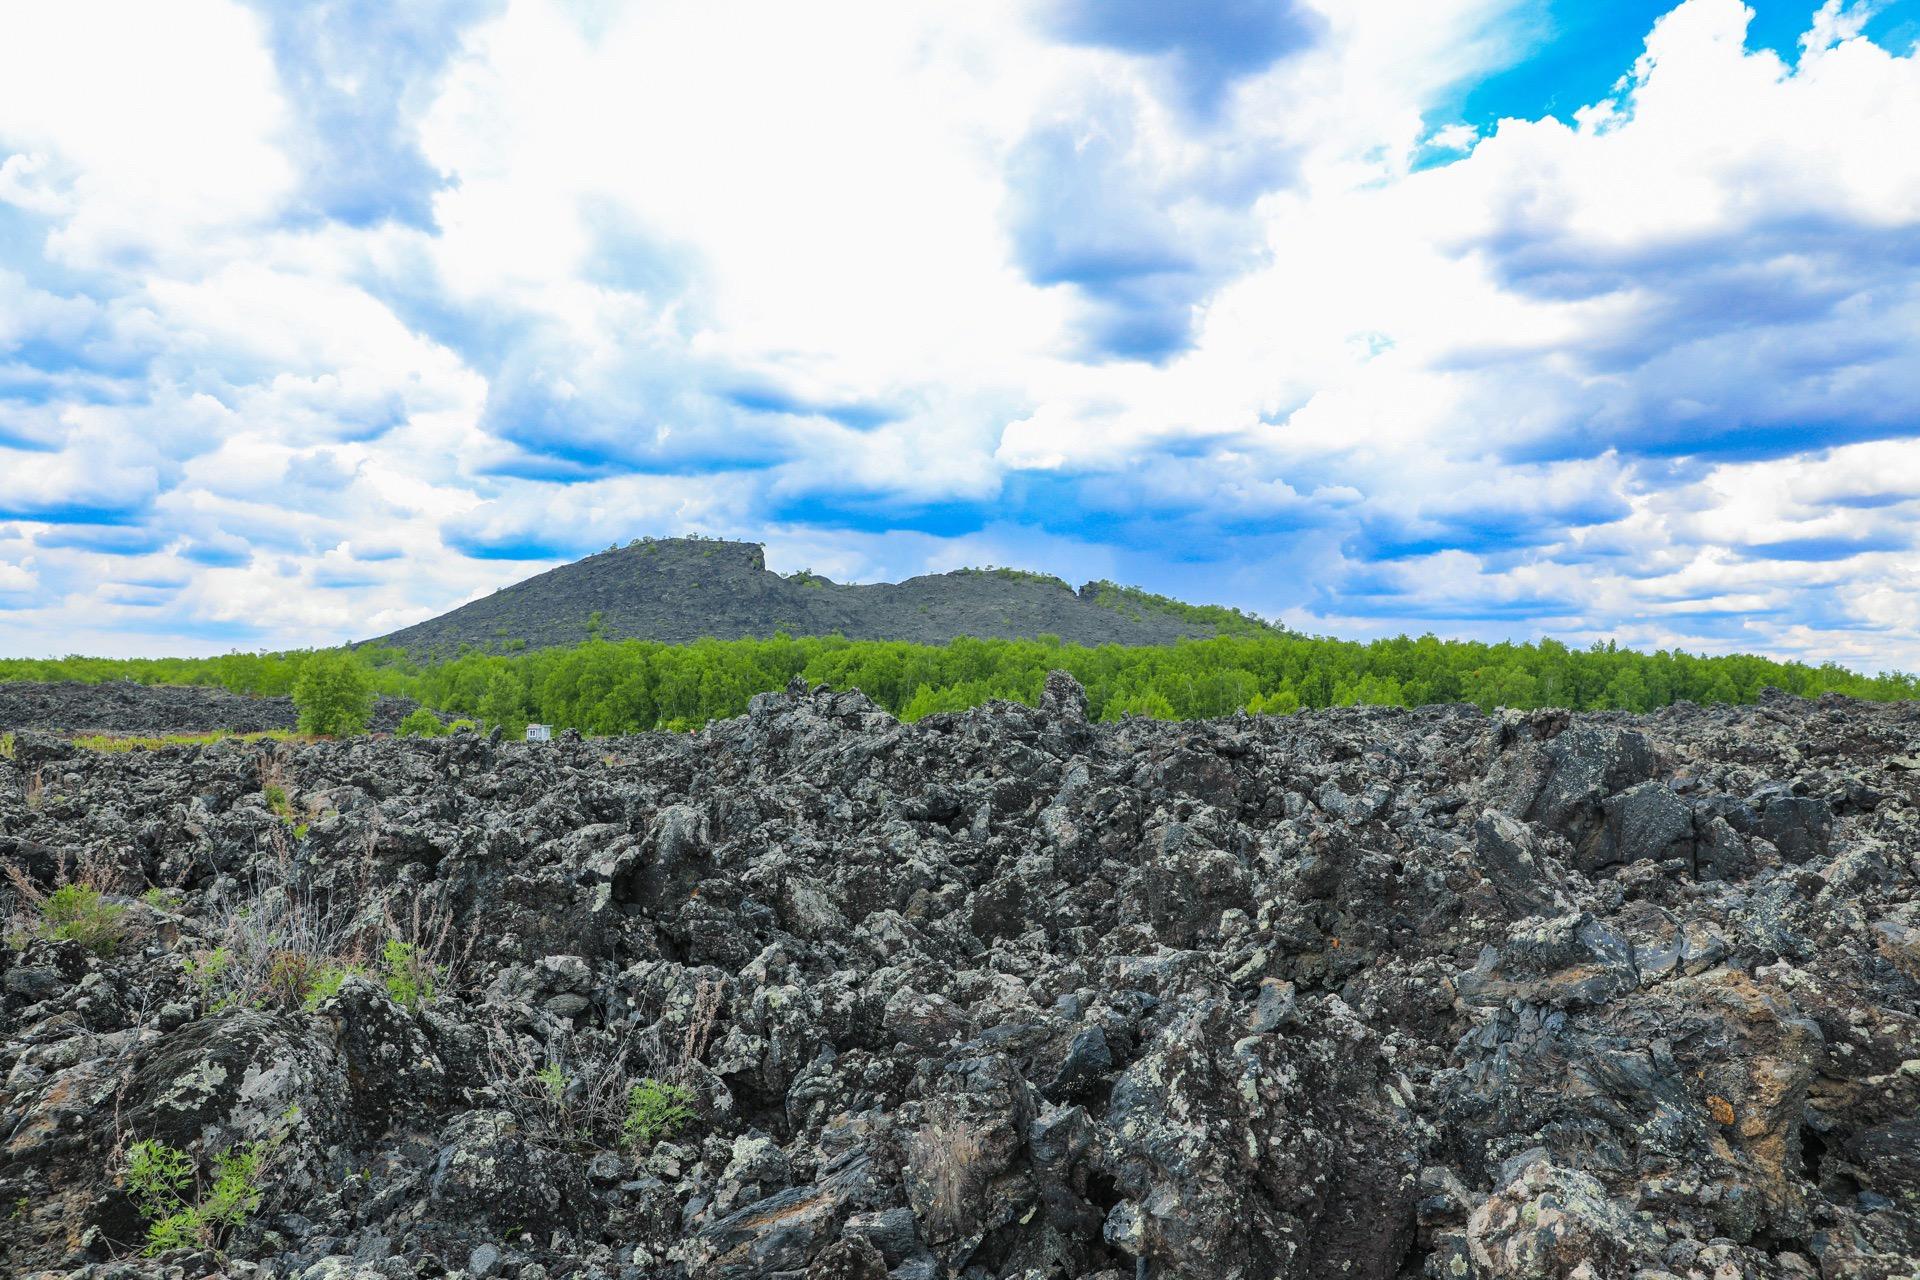 Laohei Mountain